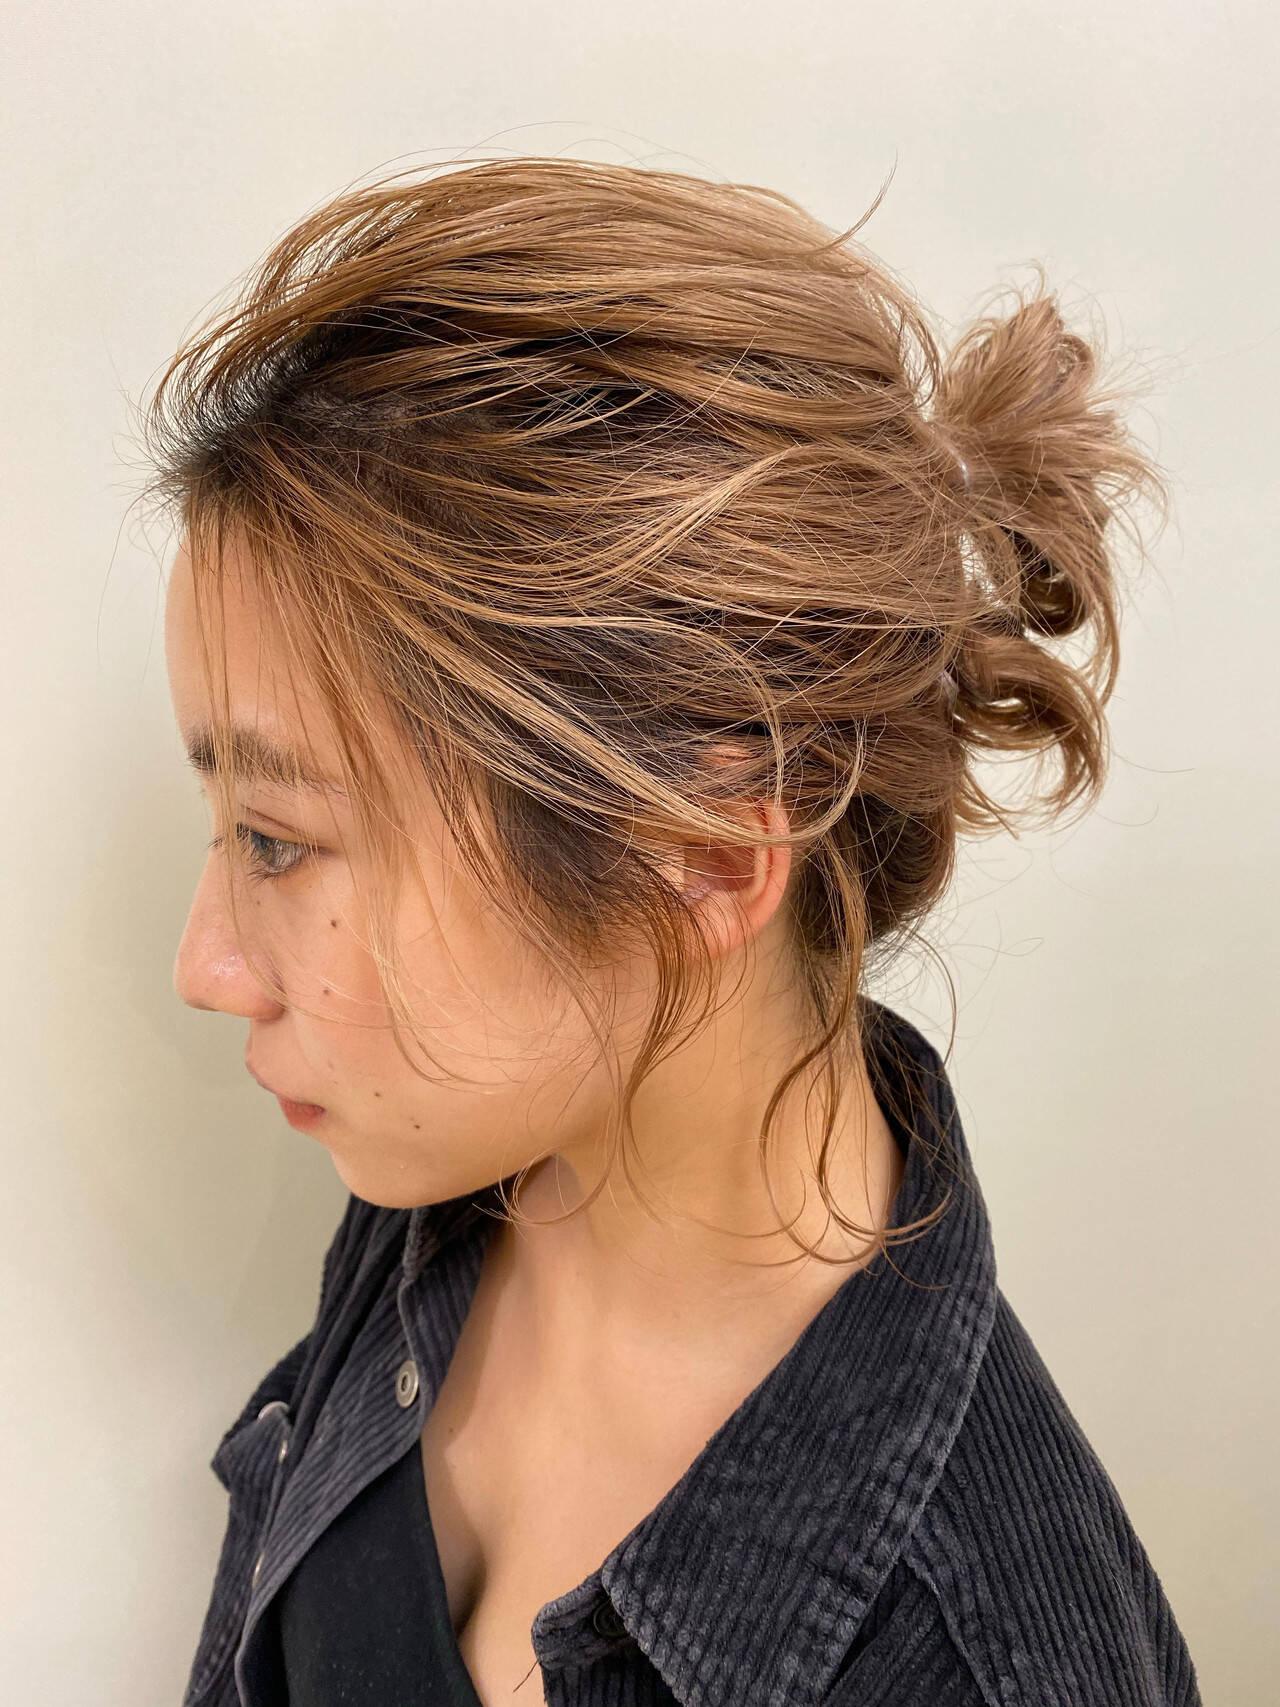 ナチュラル ミニボブ 簡単ヘアアレンジ ヘアアレンジヘアスタイルや髪型の写真・画像